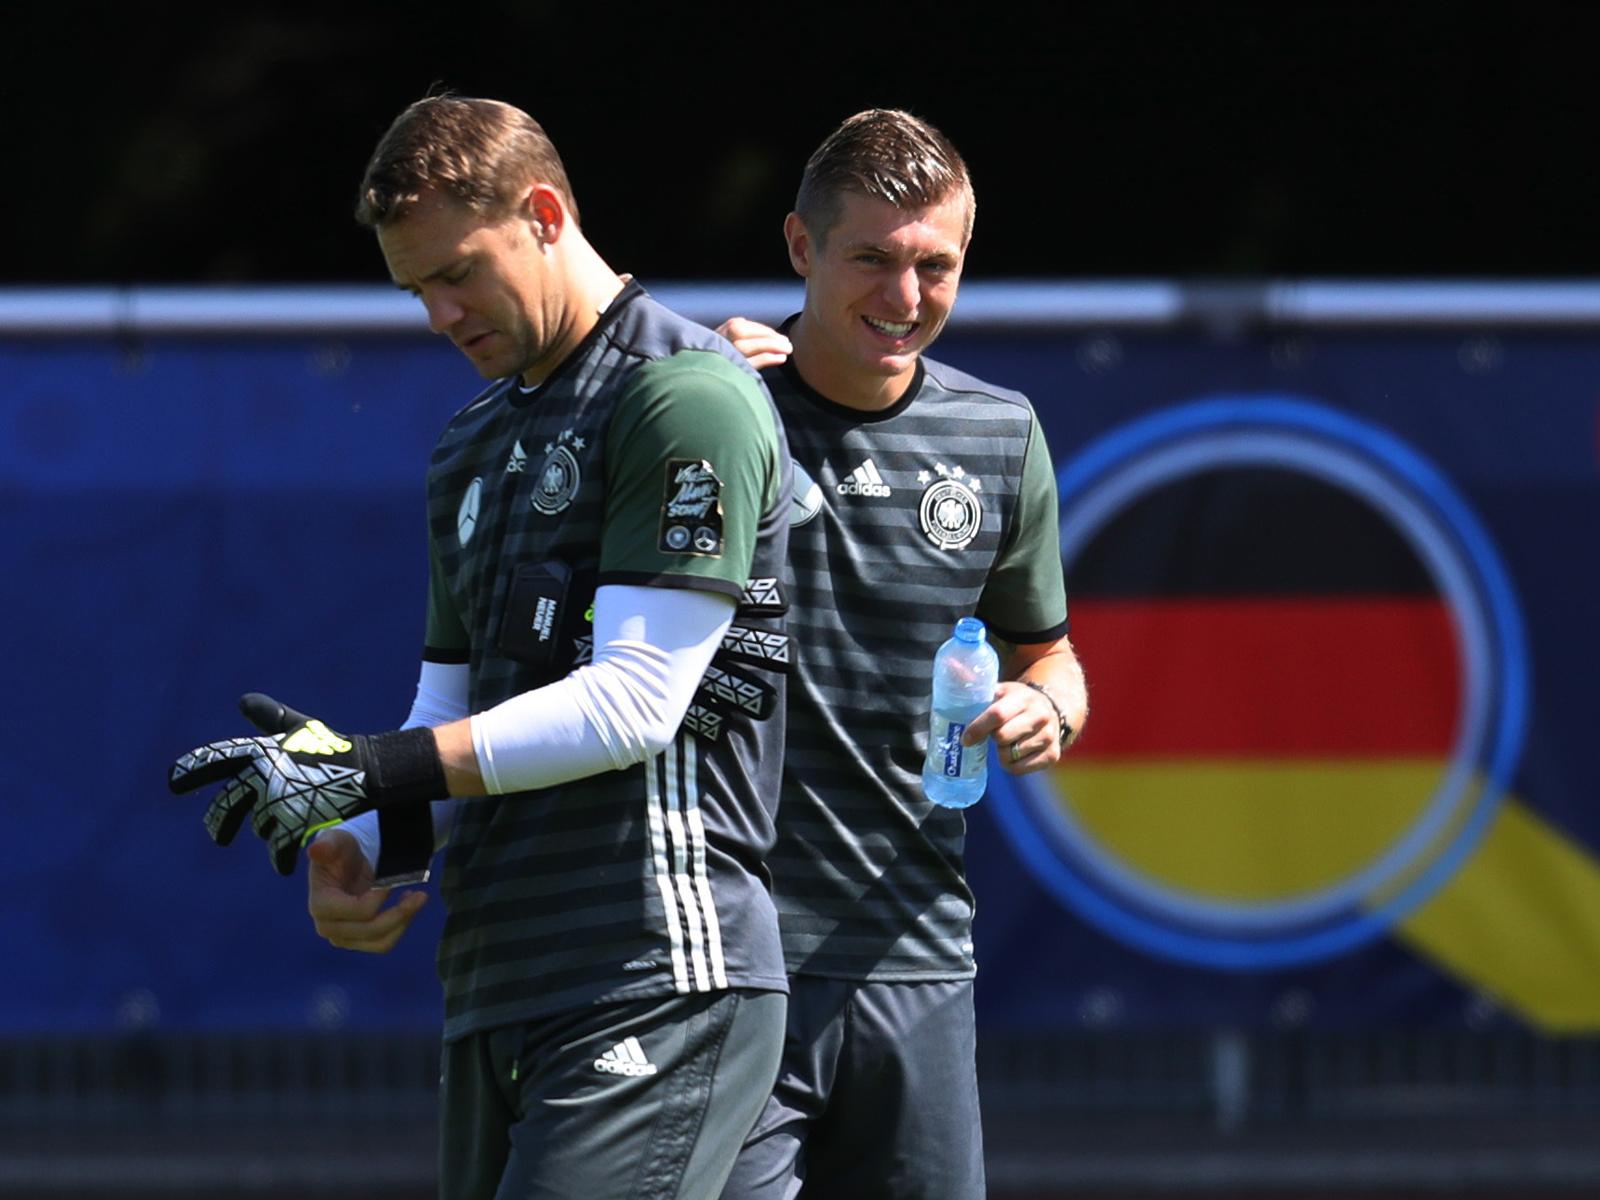 Deutschland Gegen Italien Dfb Team Ohne Schiss